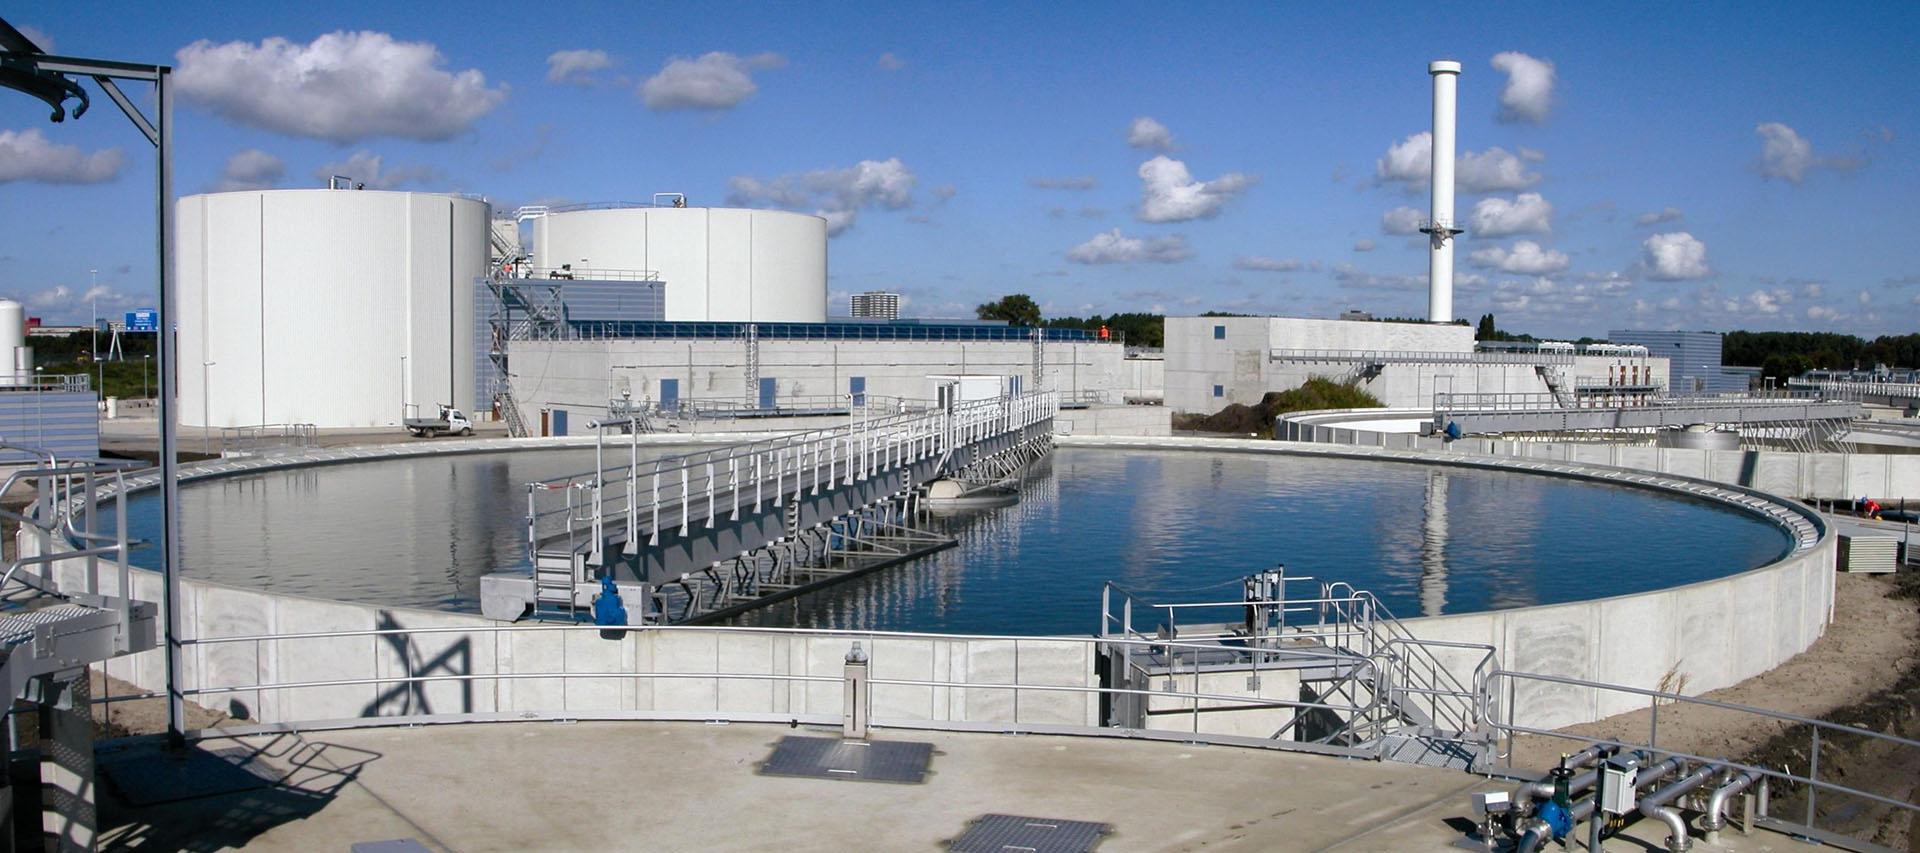 مصر تبحث عن شركاء لإنشاء 17 محطة تحلية مياه بـ2.5 مليار دولار